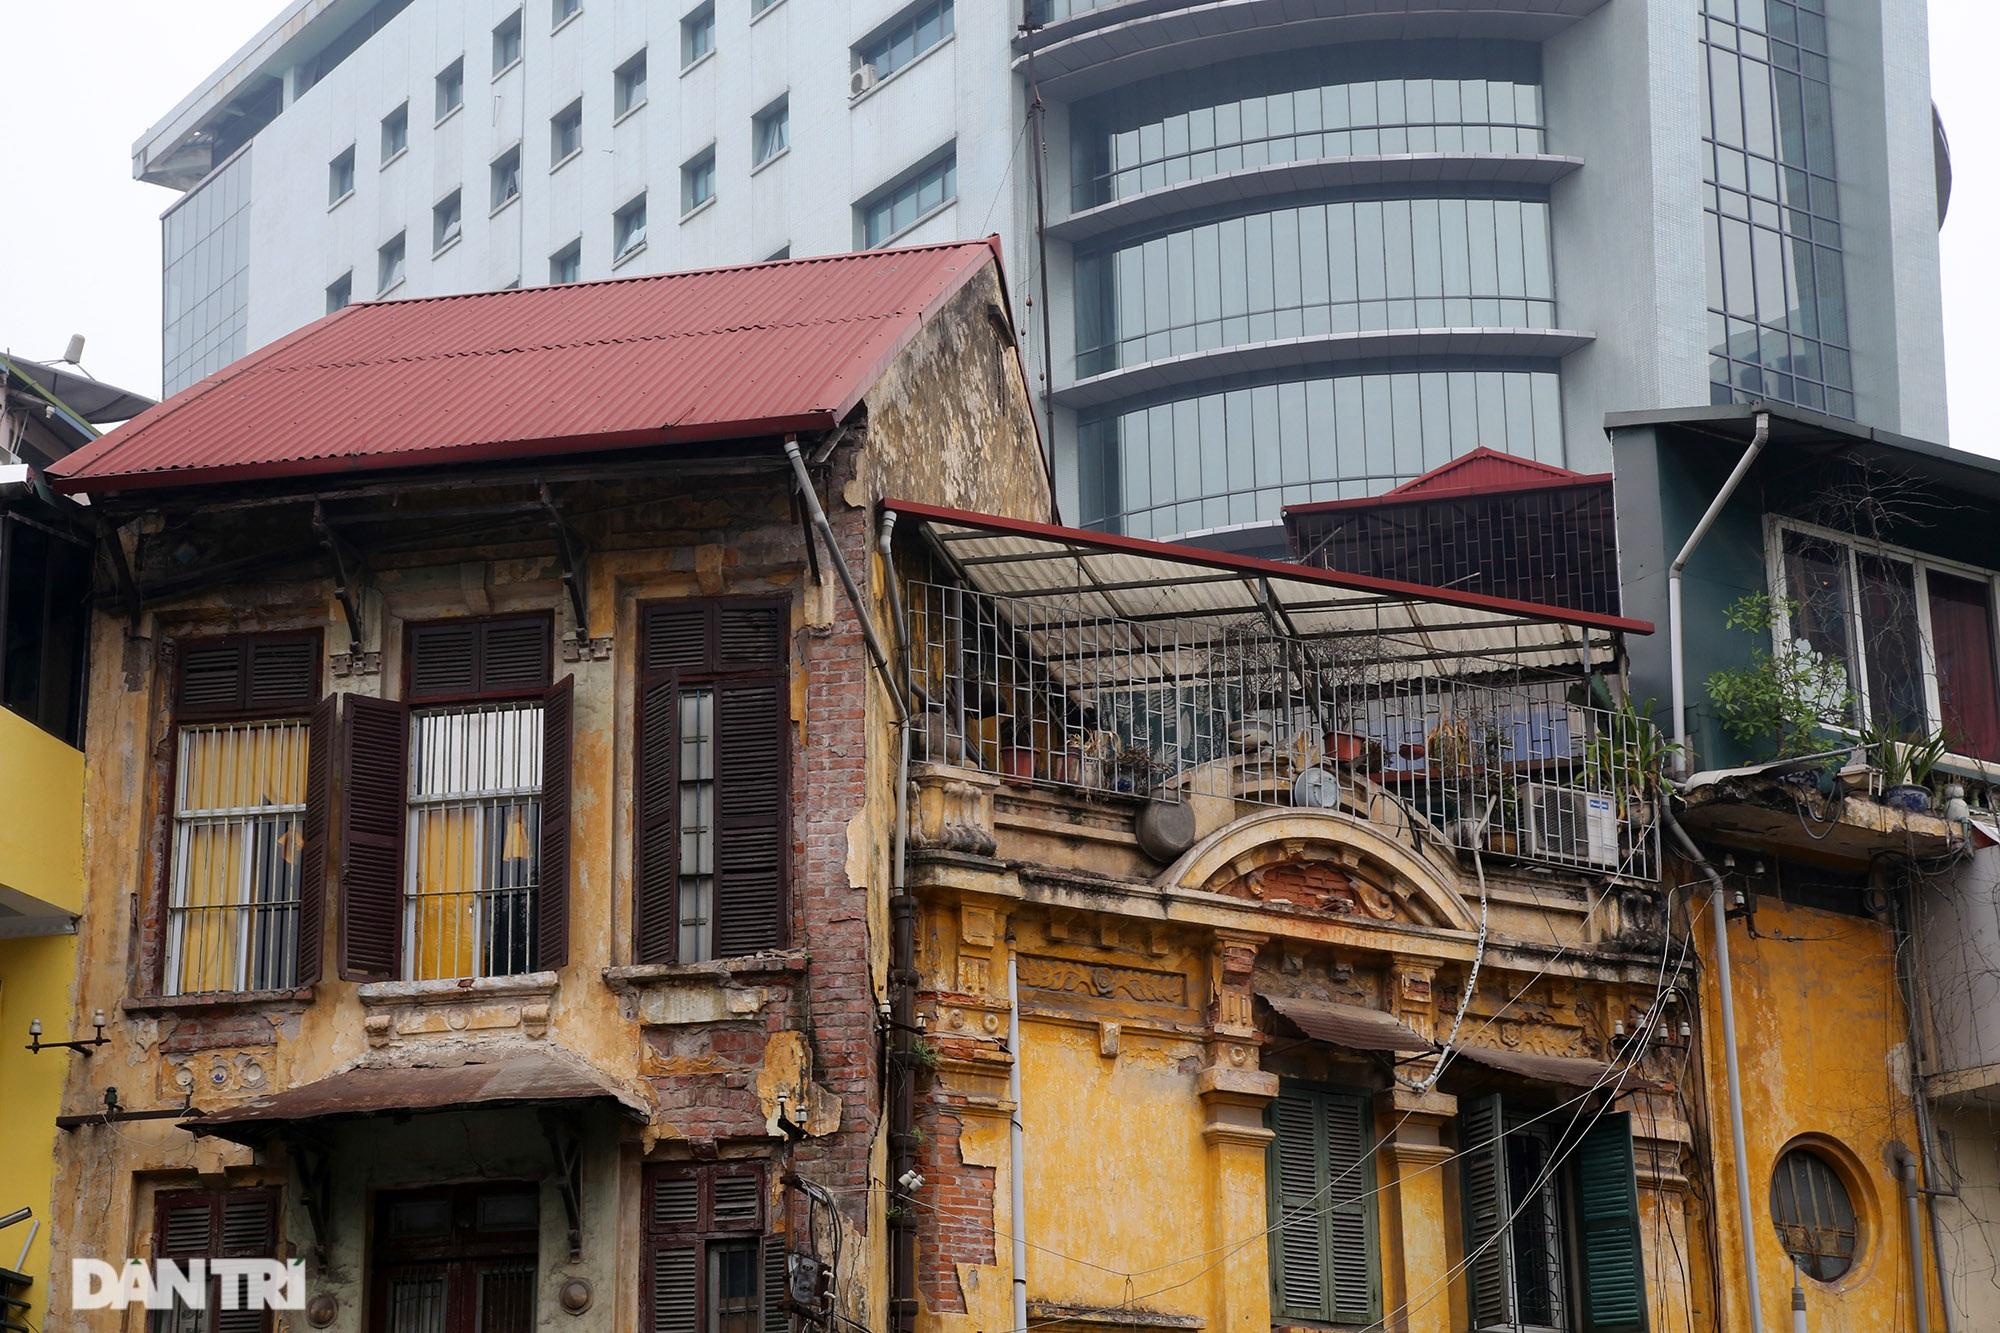 Nét hiện đại và xưa cũ trong không gian kiến trúc Hà Nội - 6